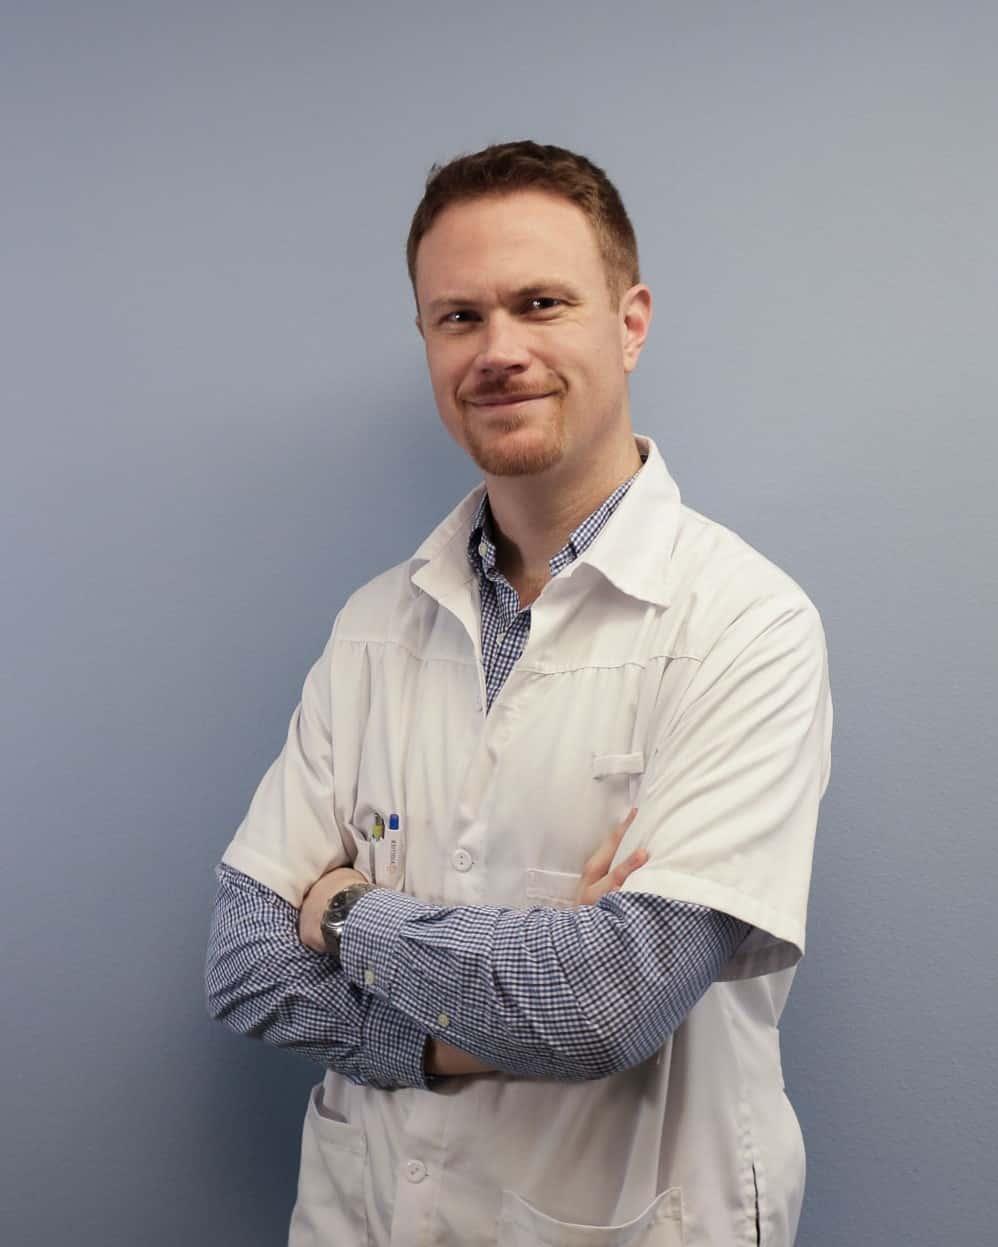 Dr Nicolas Ochs